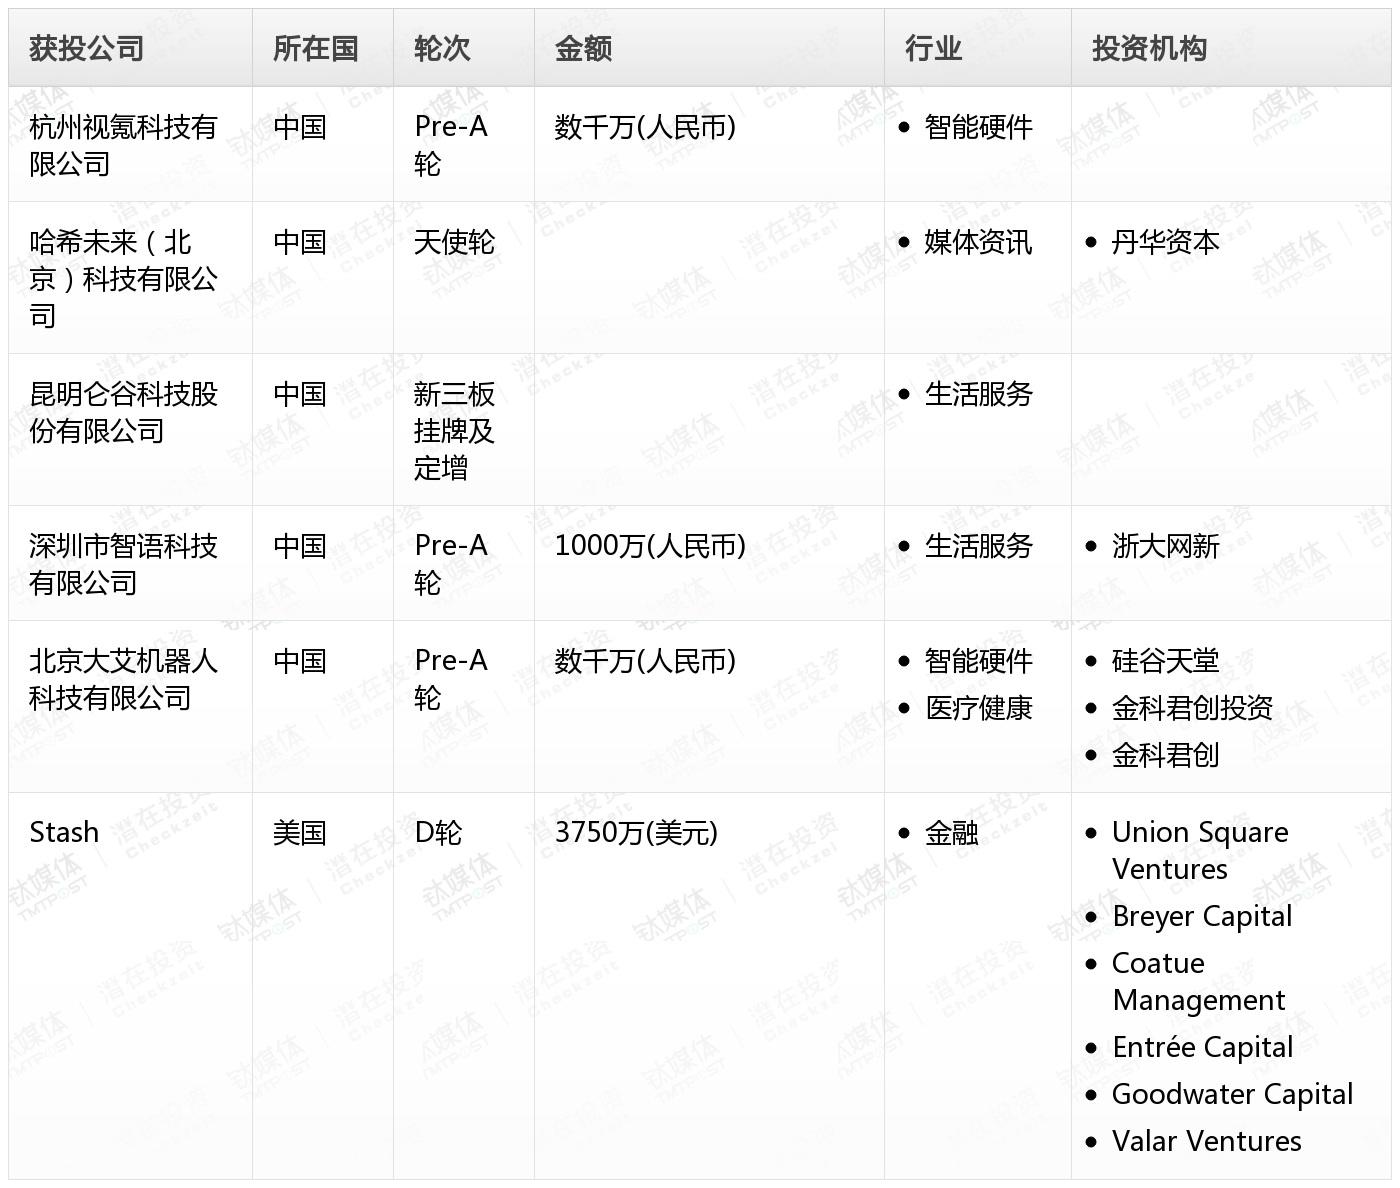 [投融資事件列表]